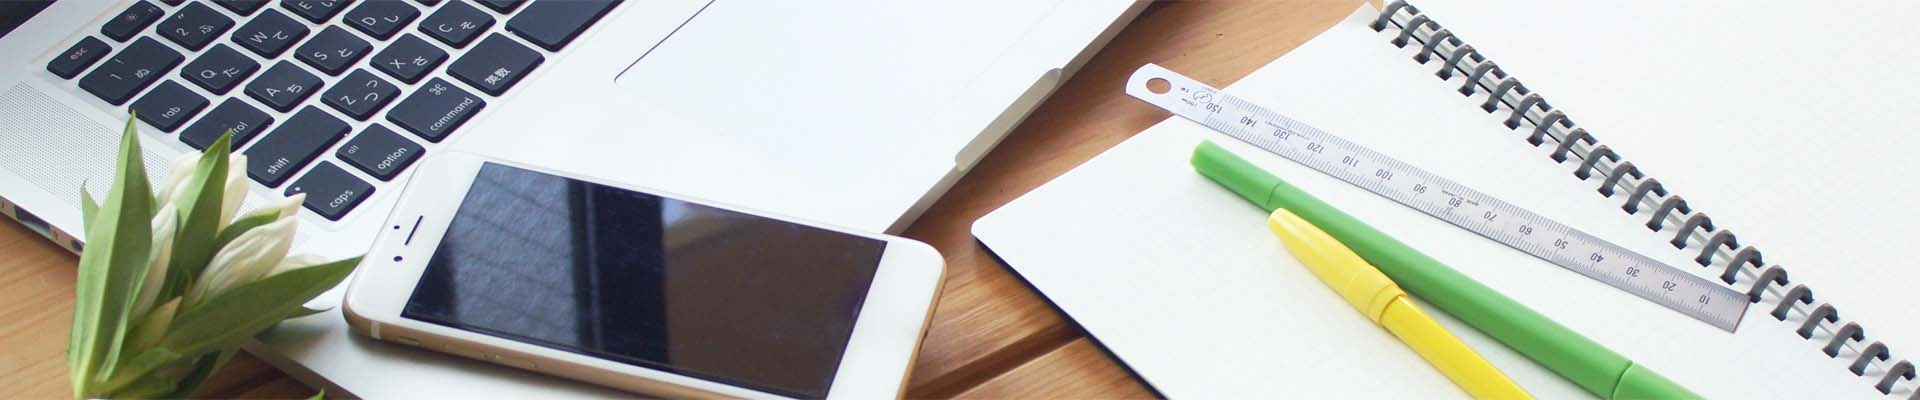 アルバイト・派遣情報サイト「Lacotto」との提携を開始